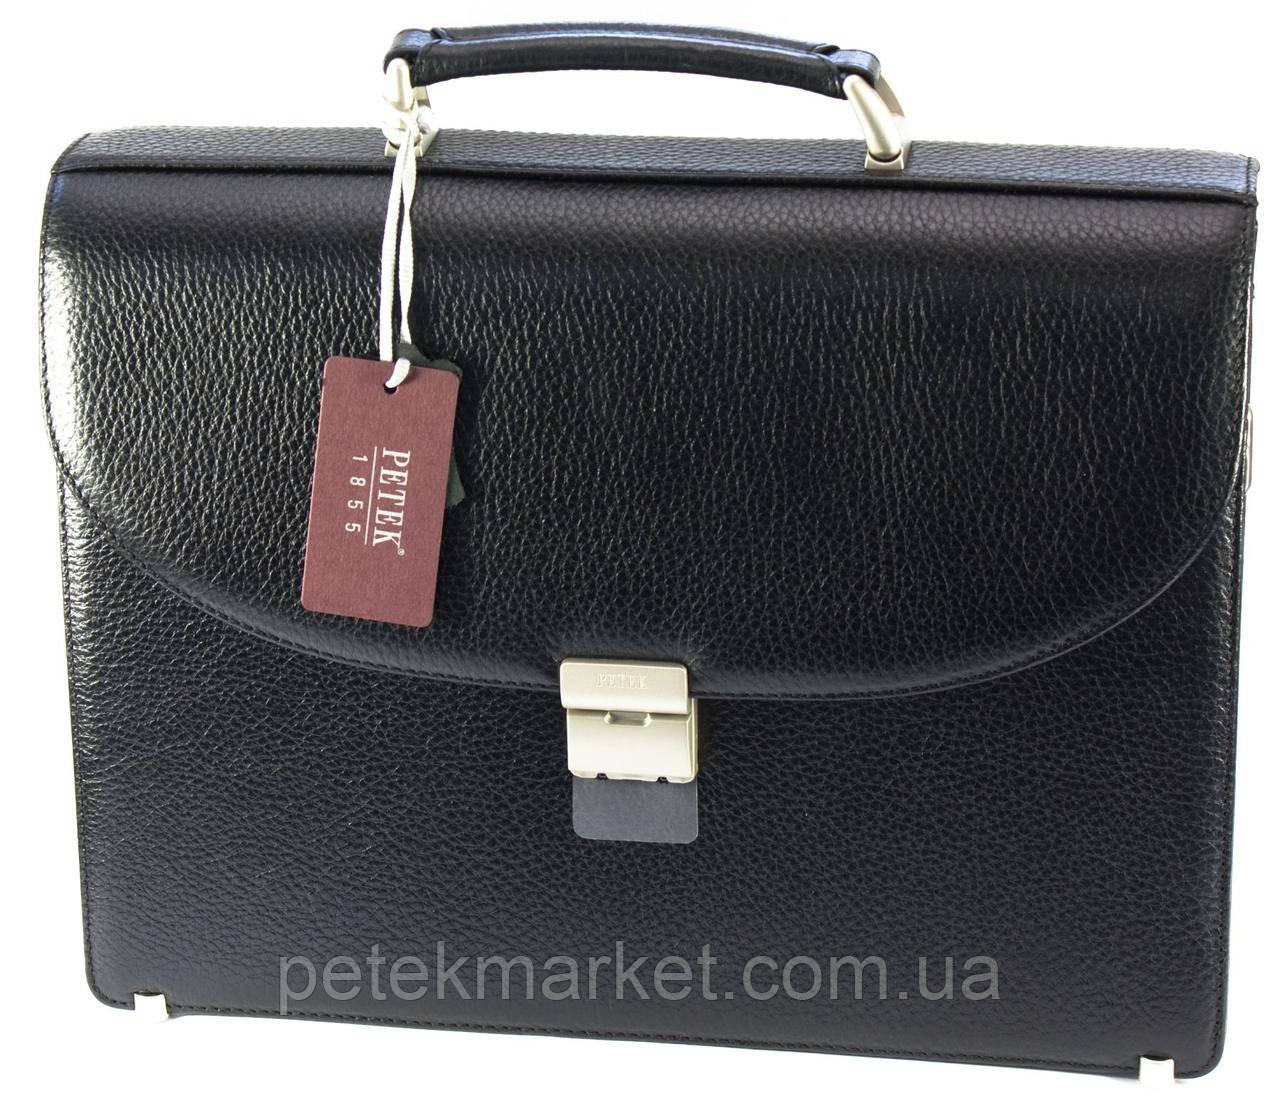 Кожаный портфель Petek 844